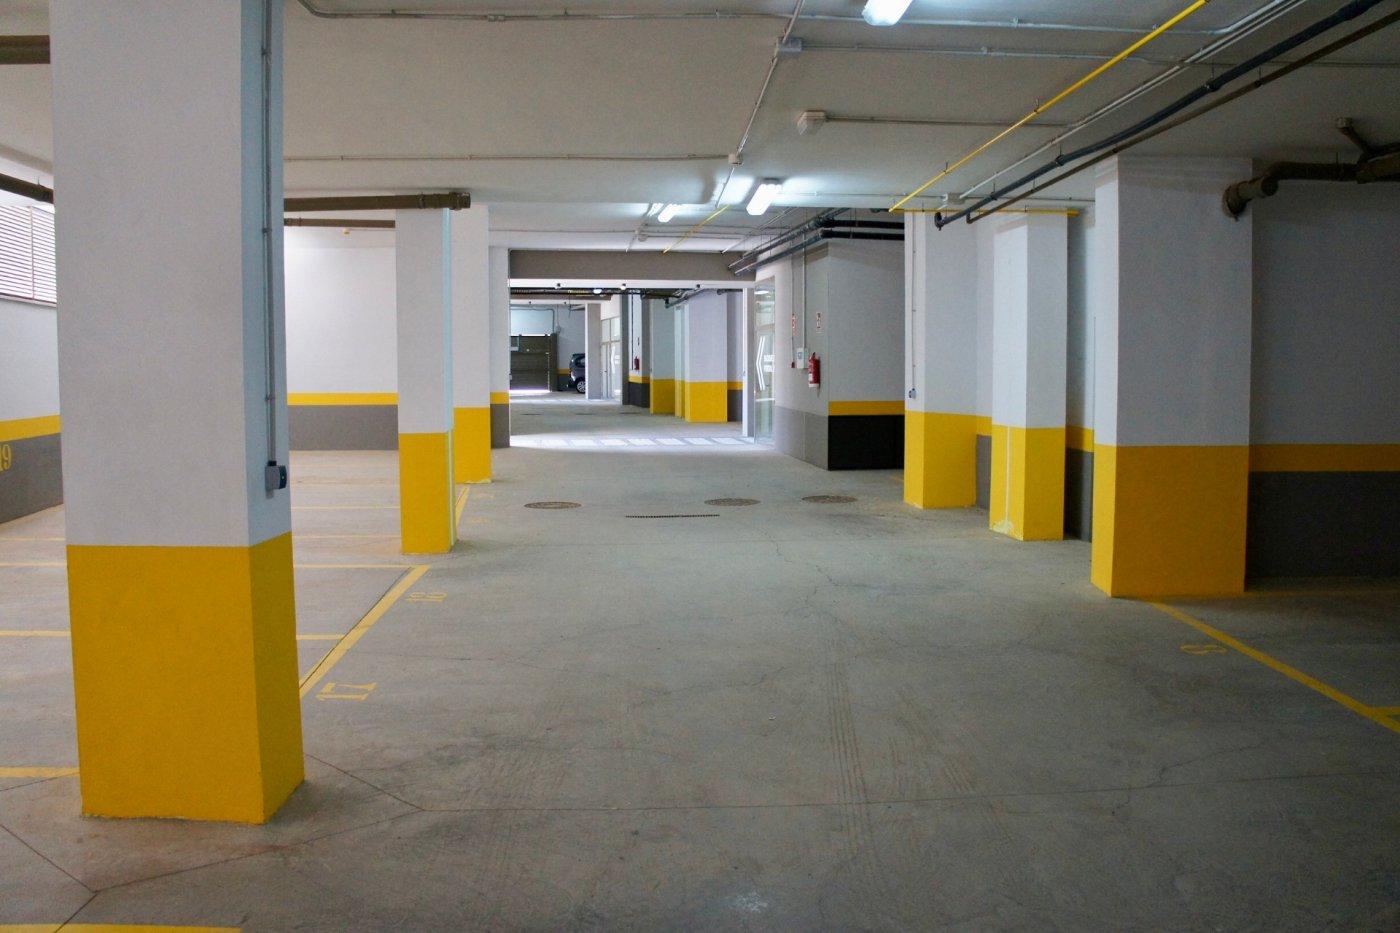 Galleribillede 12 of Sydvendt 3 værelses, 2 bad lejlighed med panorama udsigt og 83 m2 tagterrasse